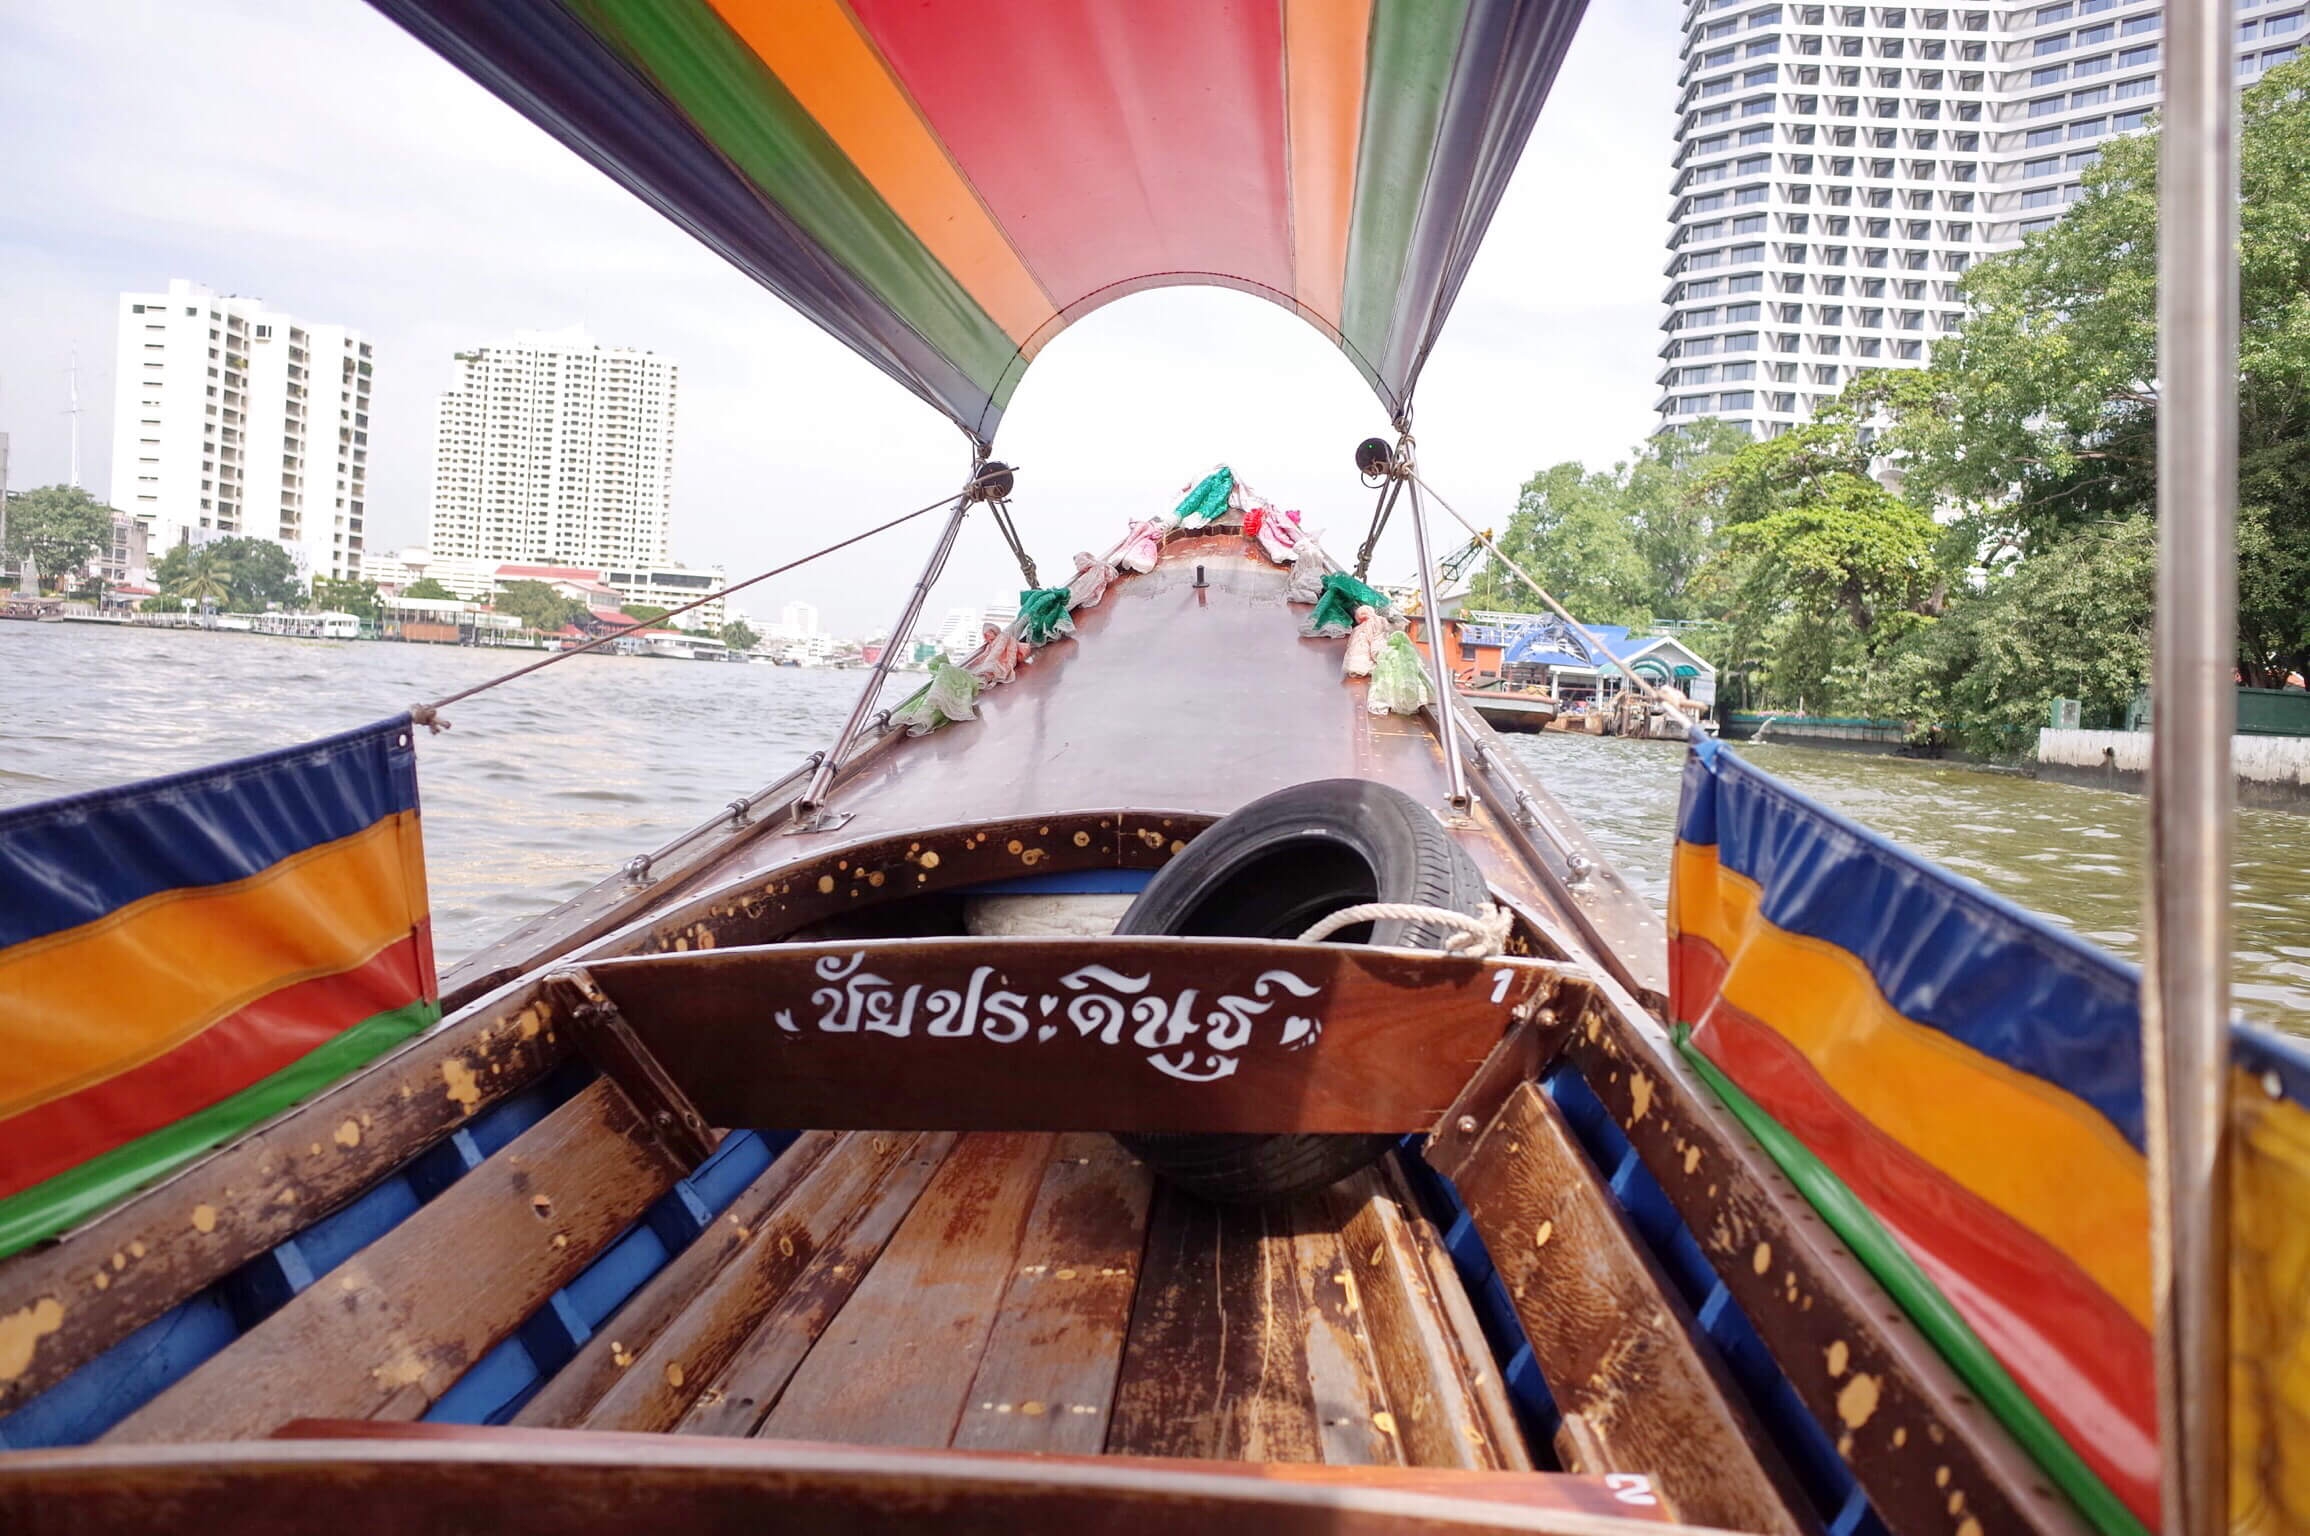 バンコク | チャオプラヤー河ボートツアーでボッタクリ?でも、面白かったからいいや!